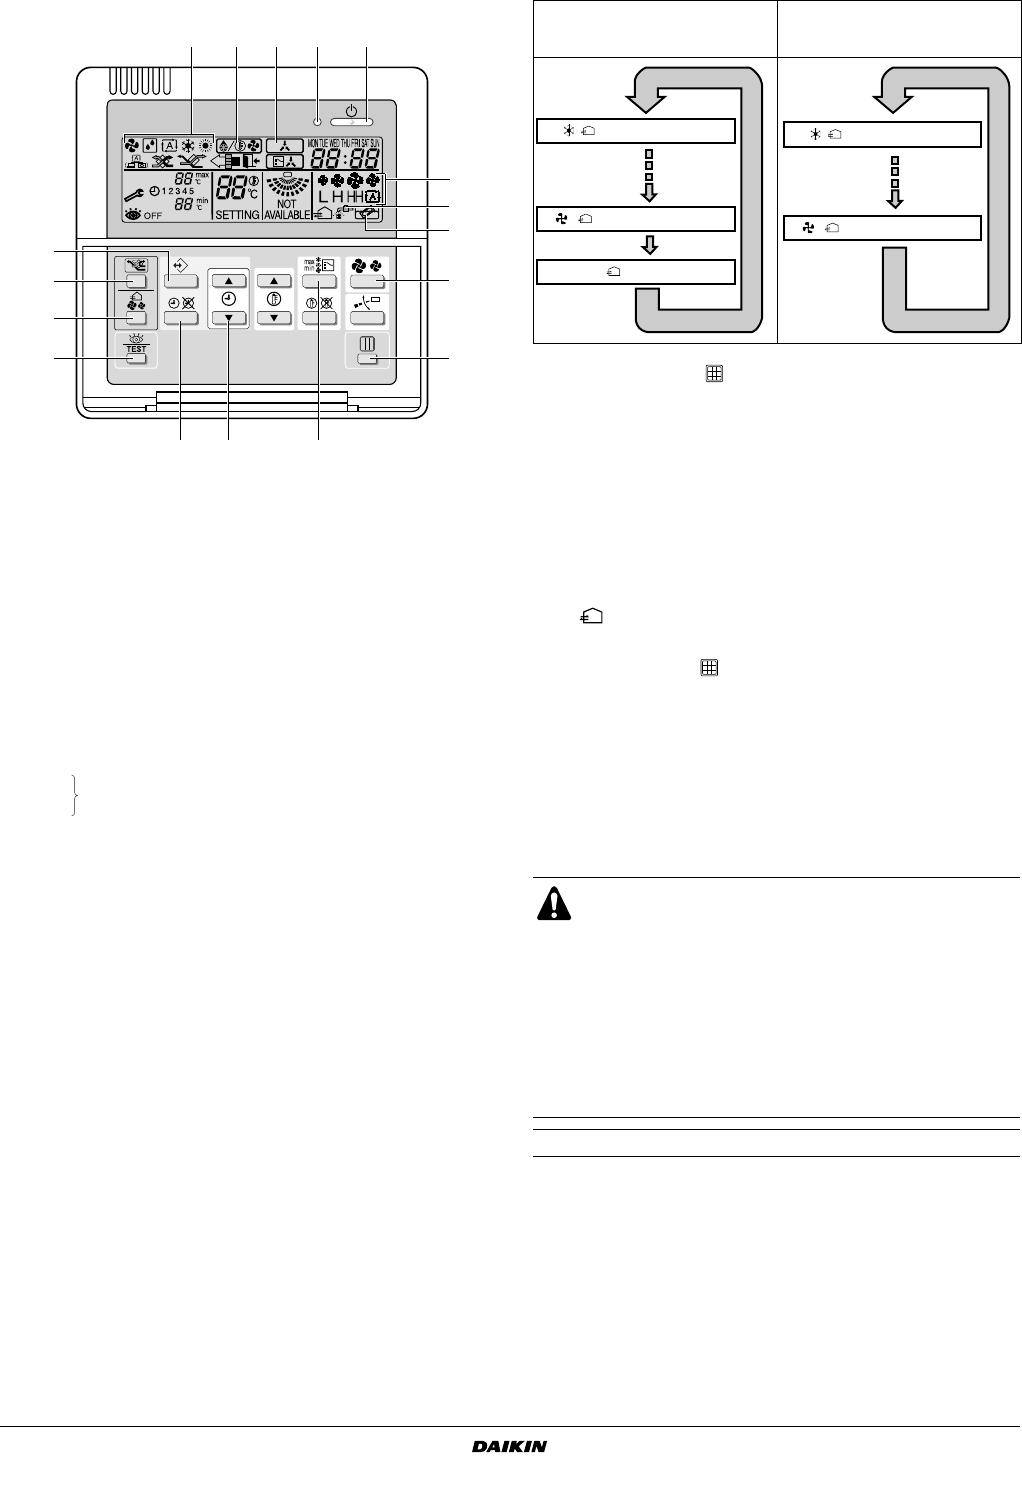 bedienungsanleitung daikin vam650fb seite 7 von 12 deutsch. Black Bedroom Furniture Sets. Home Design Ideas